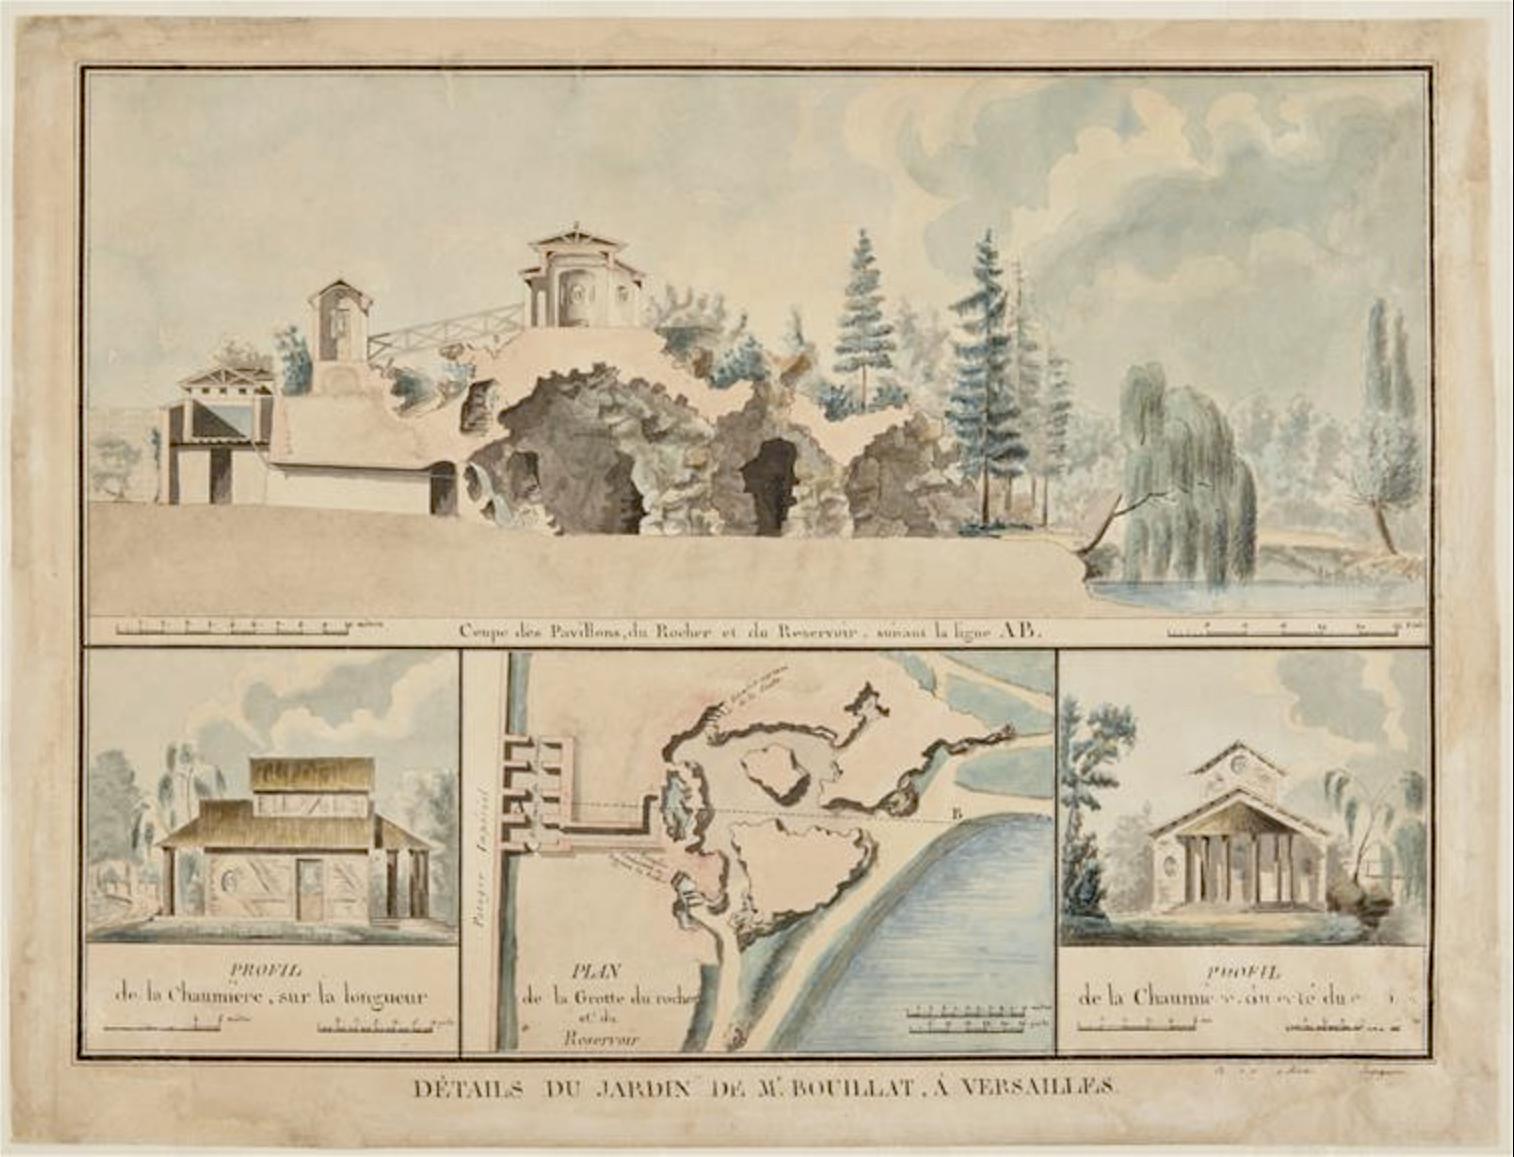 Le parc et le pavillon du comte de Provence et de la comtesse de Balbi à Versailles, aujourd'hui Parc Balbi 210608121734114230